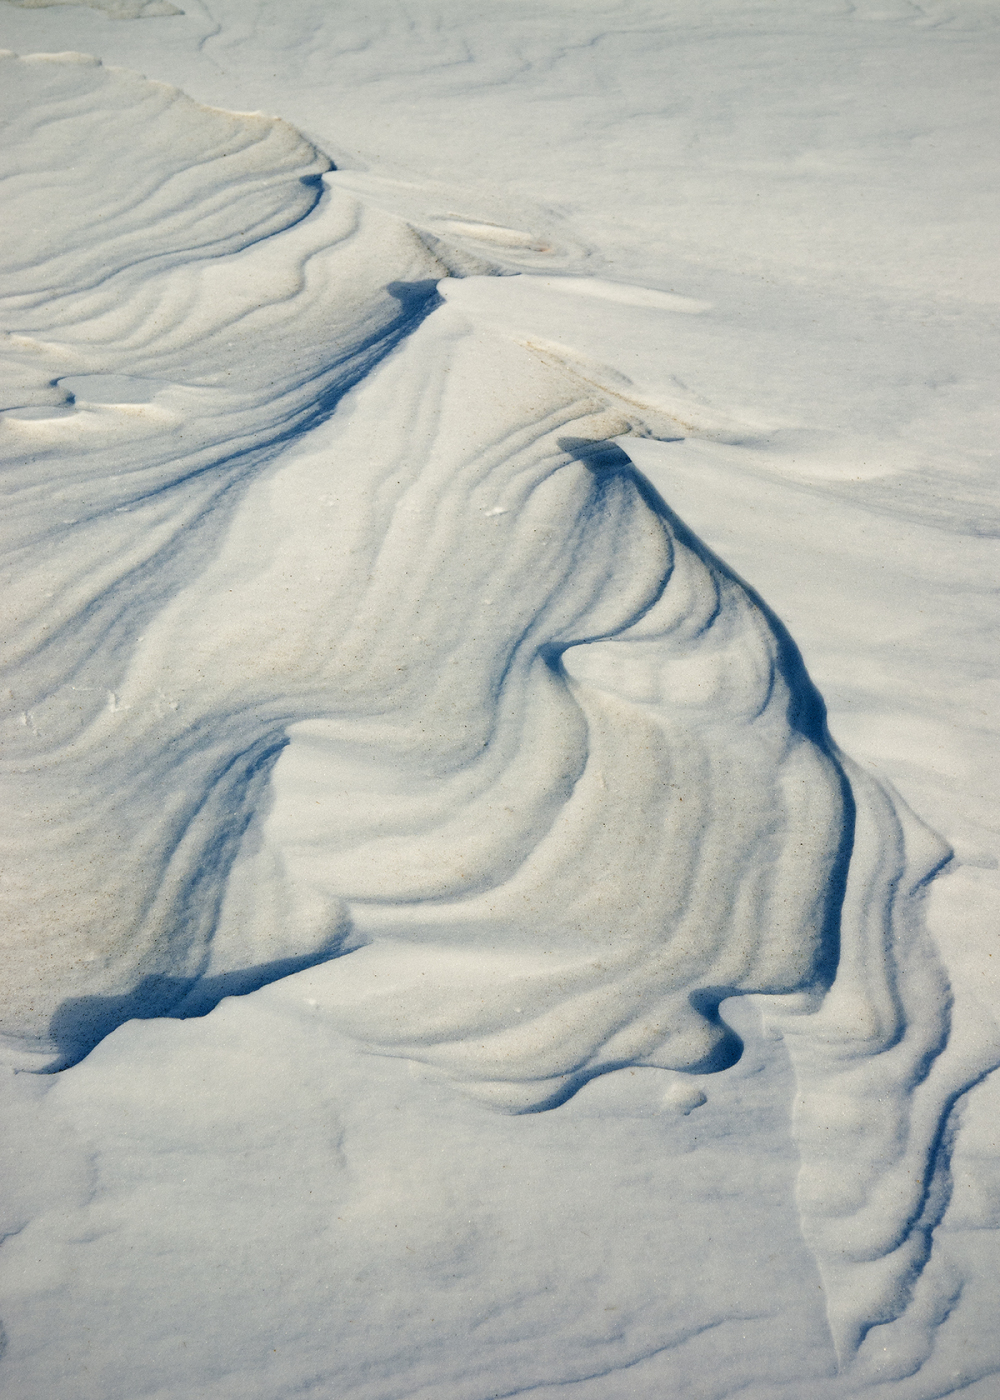 Wind scoured snow